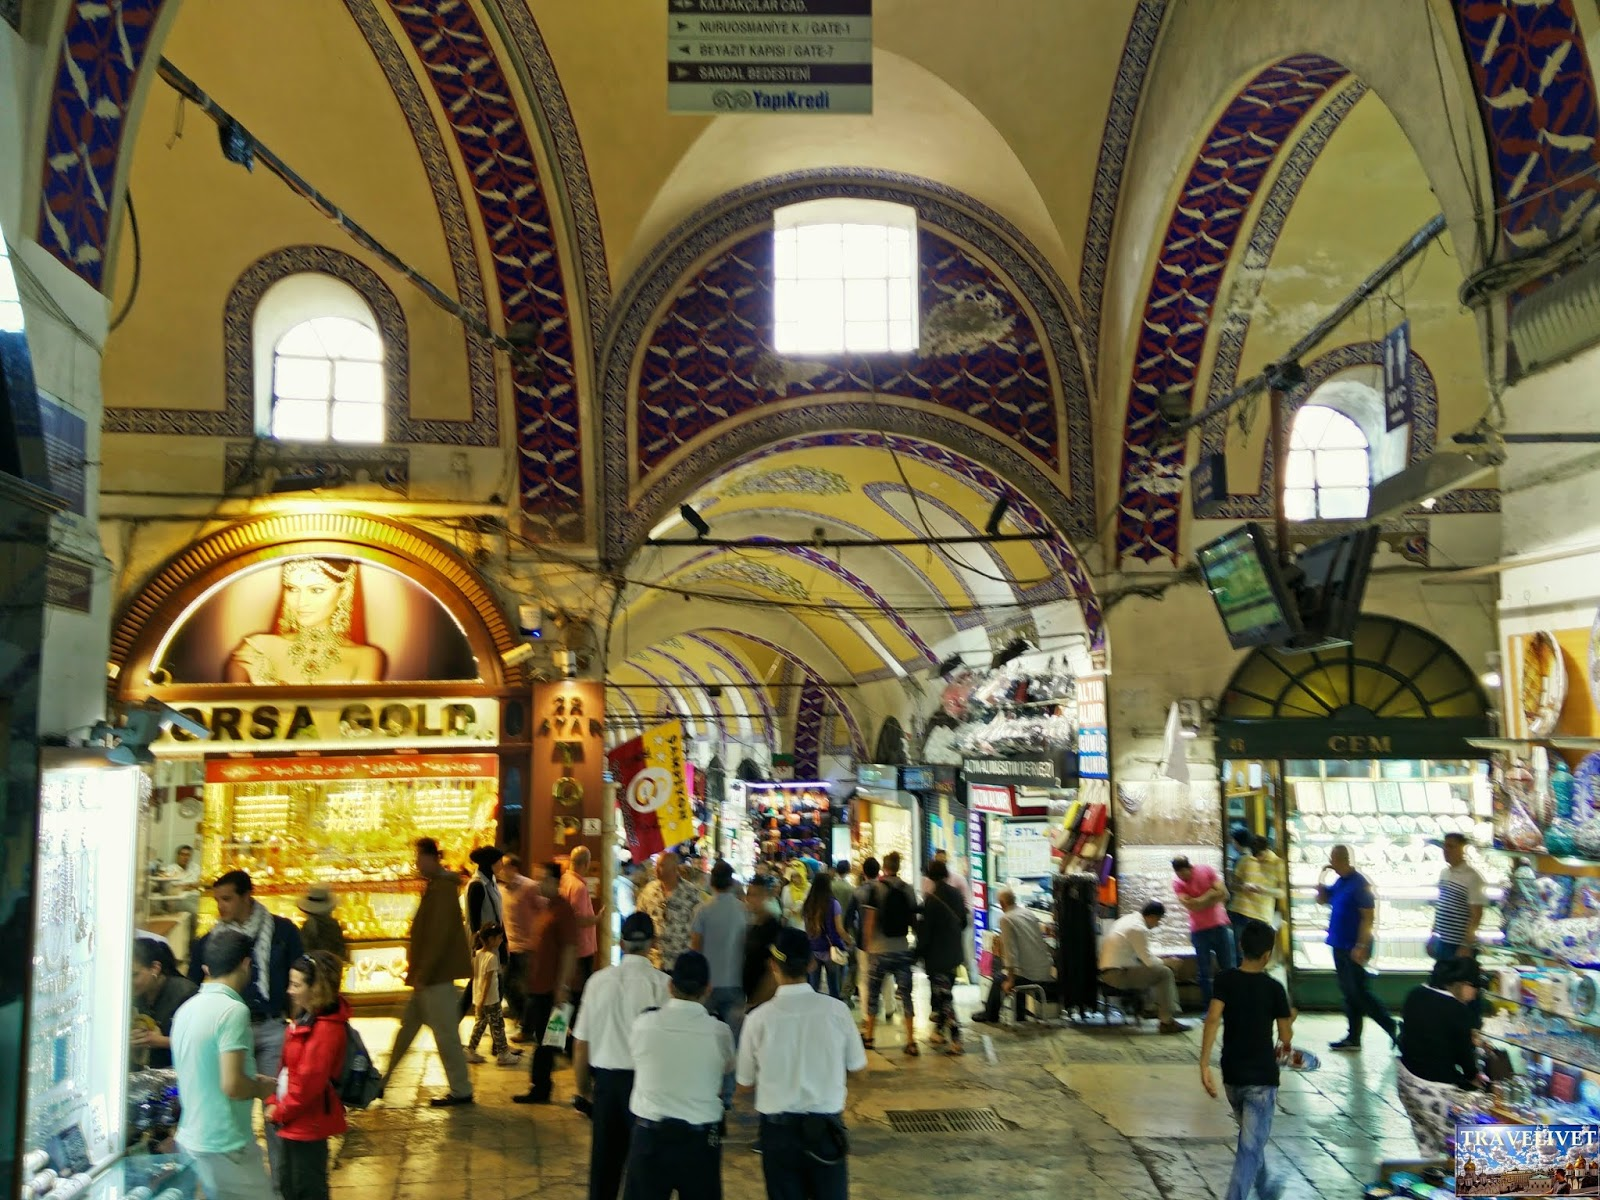 Turquie Istanbul Grand Bazar